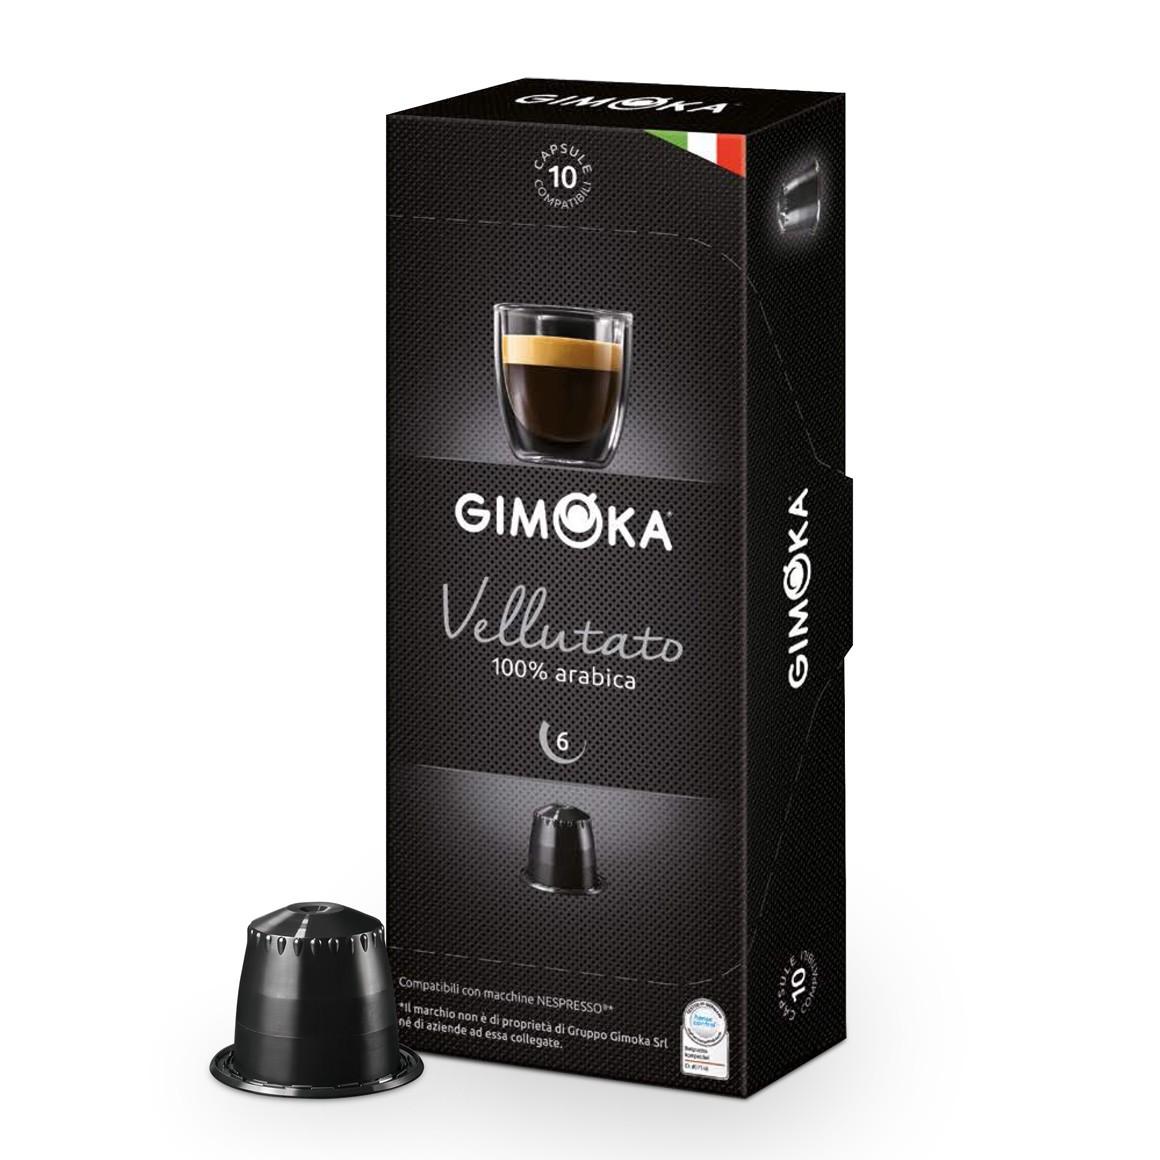 Cápsulas de Café Espresso Gimoka Vellutato - Compatíveis com Nespresso® - 10 un.